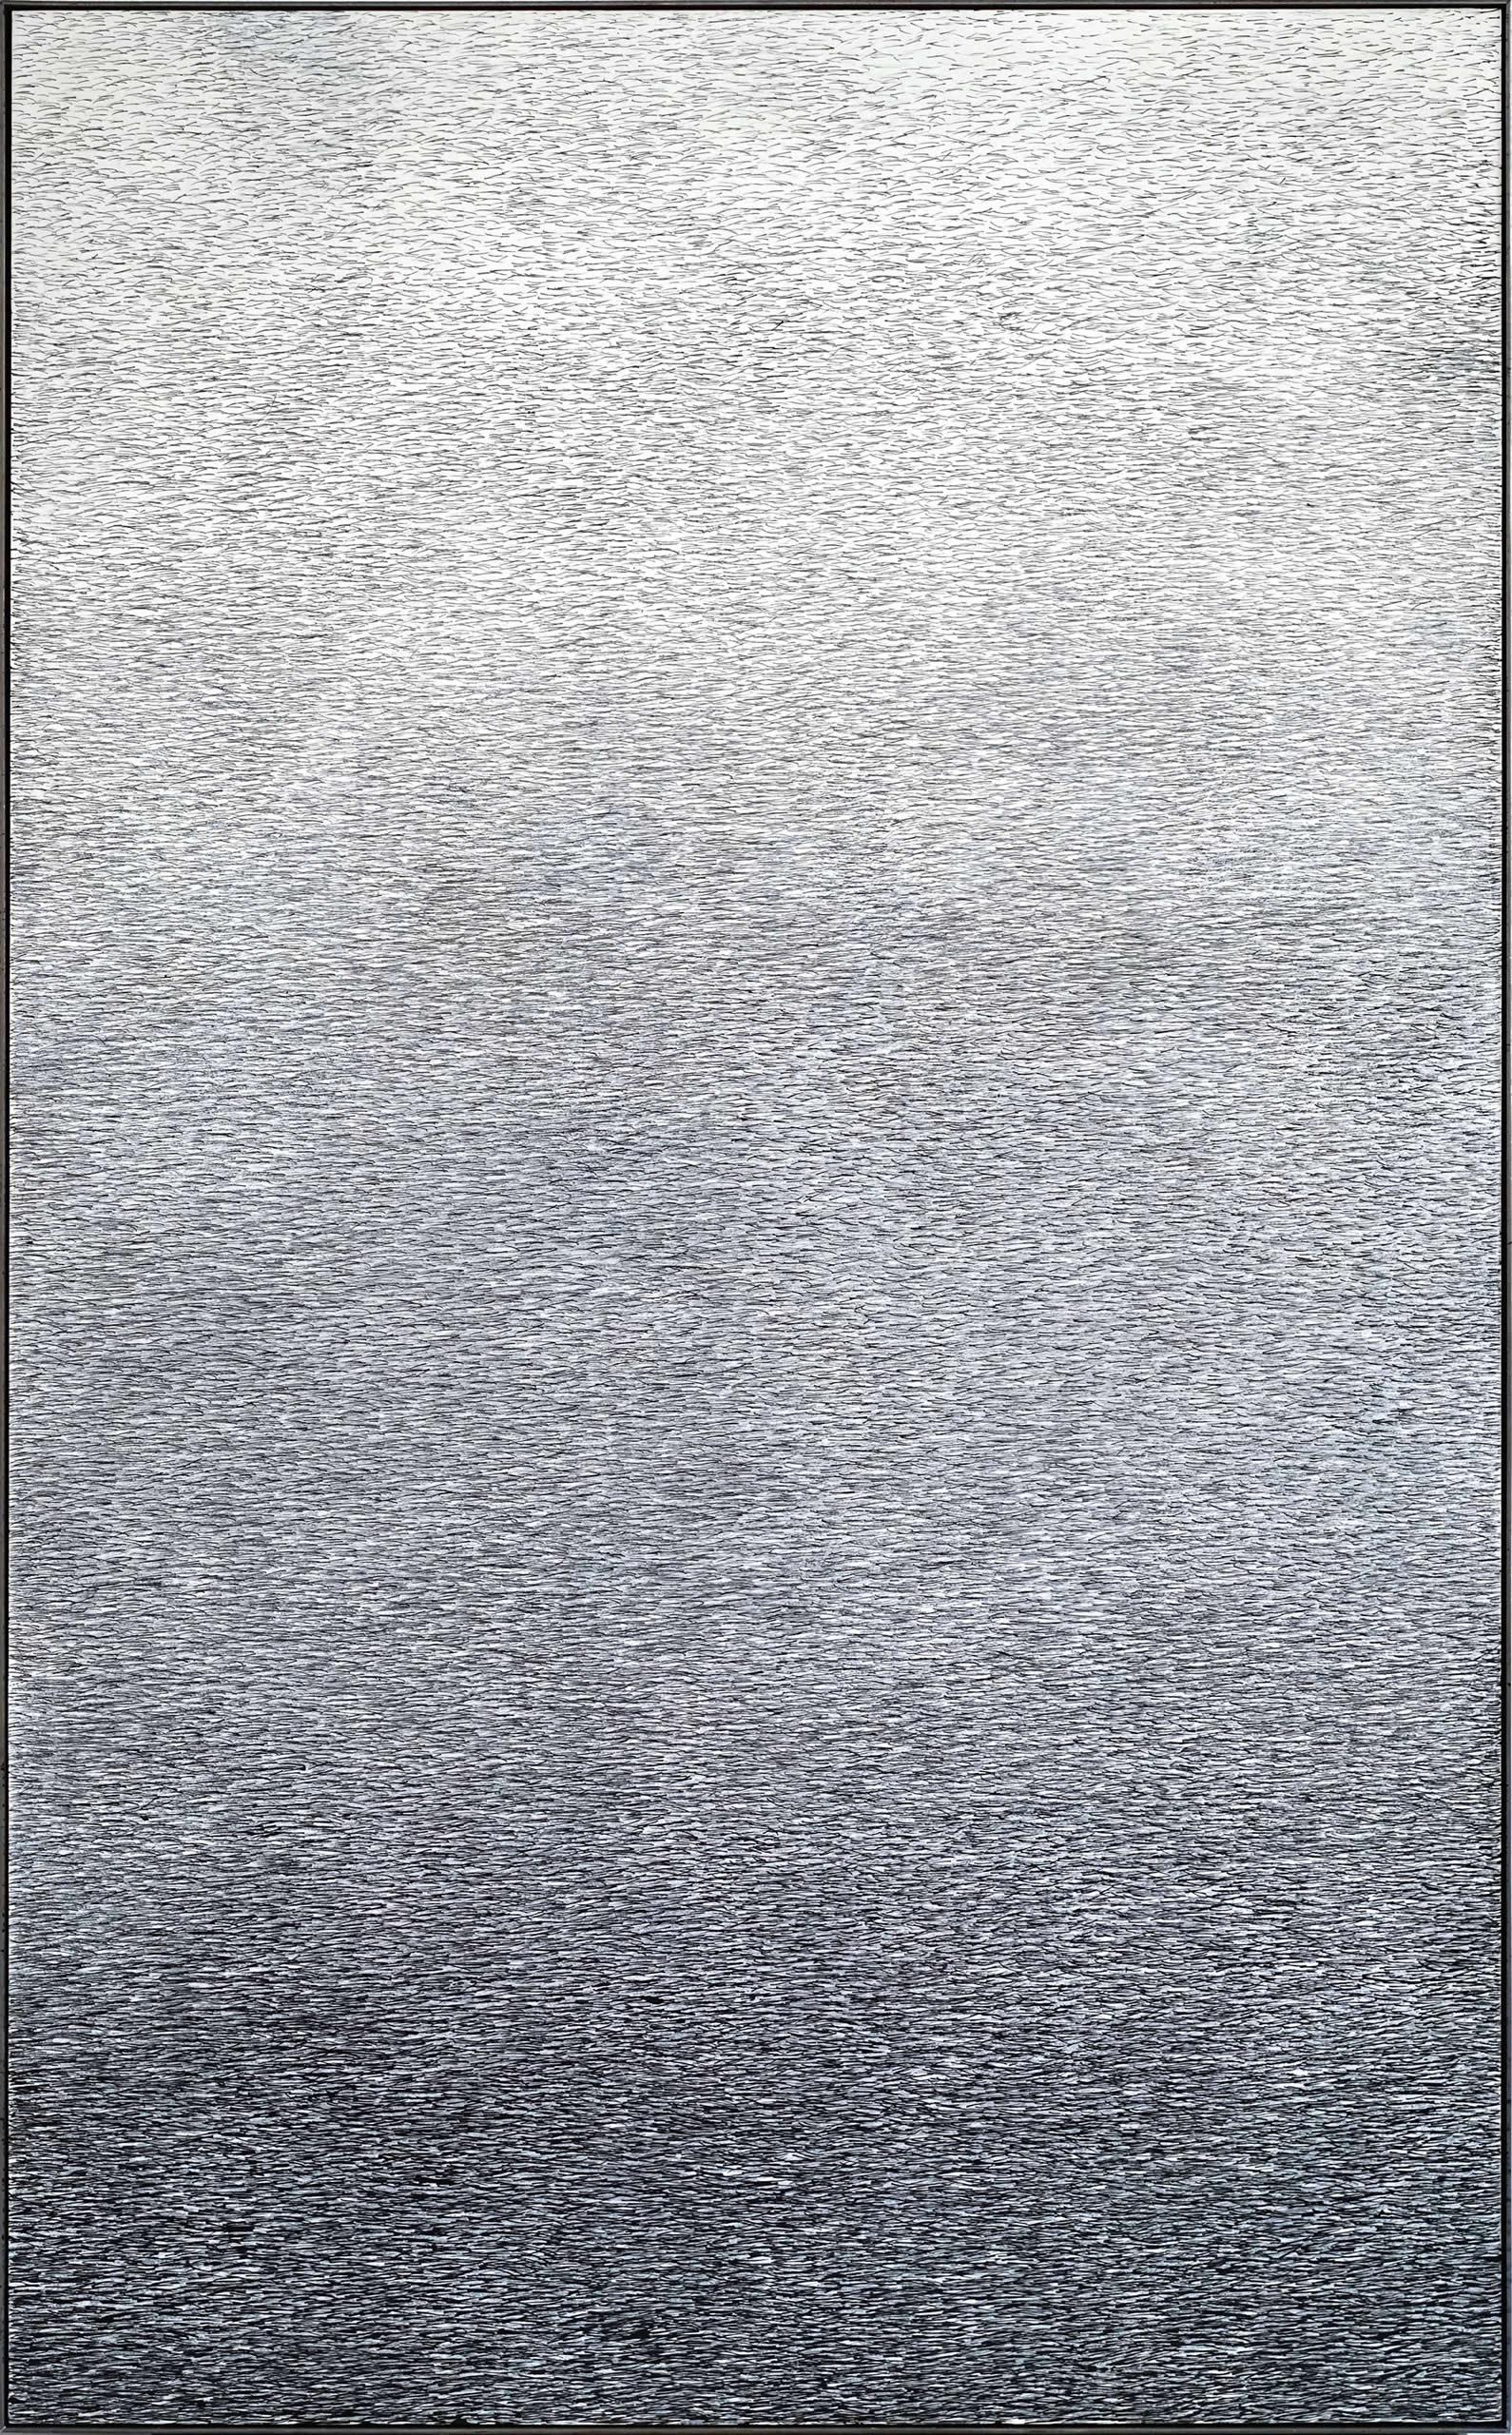 Linda Berger | Fact32 | Strichwelten & Luftkörper | 2019-11 | Galerie3